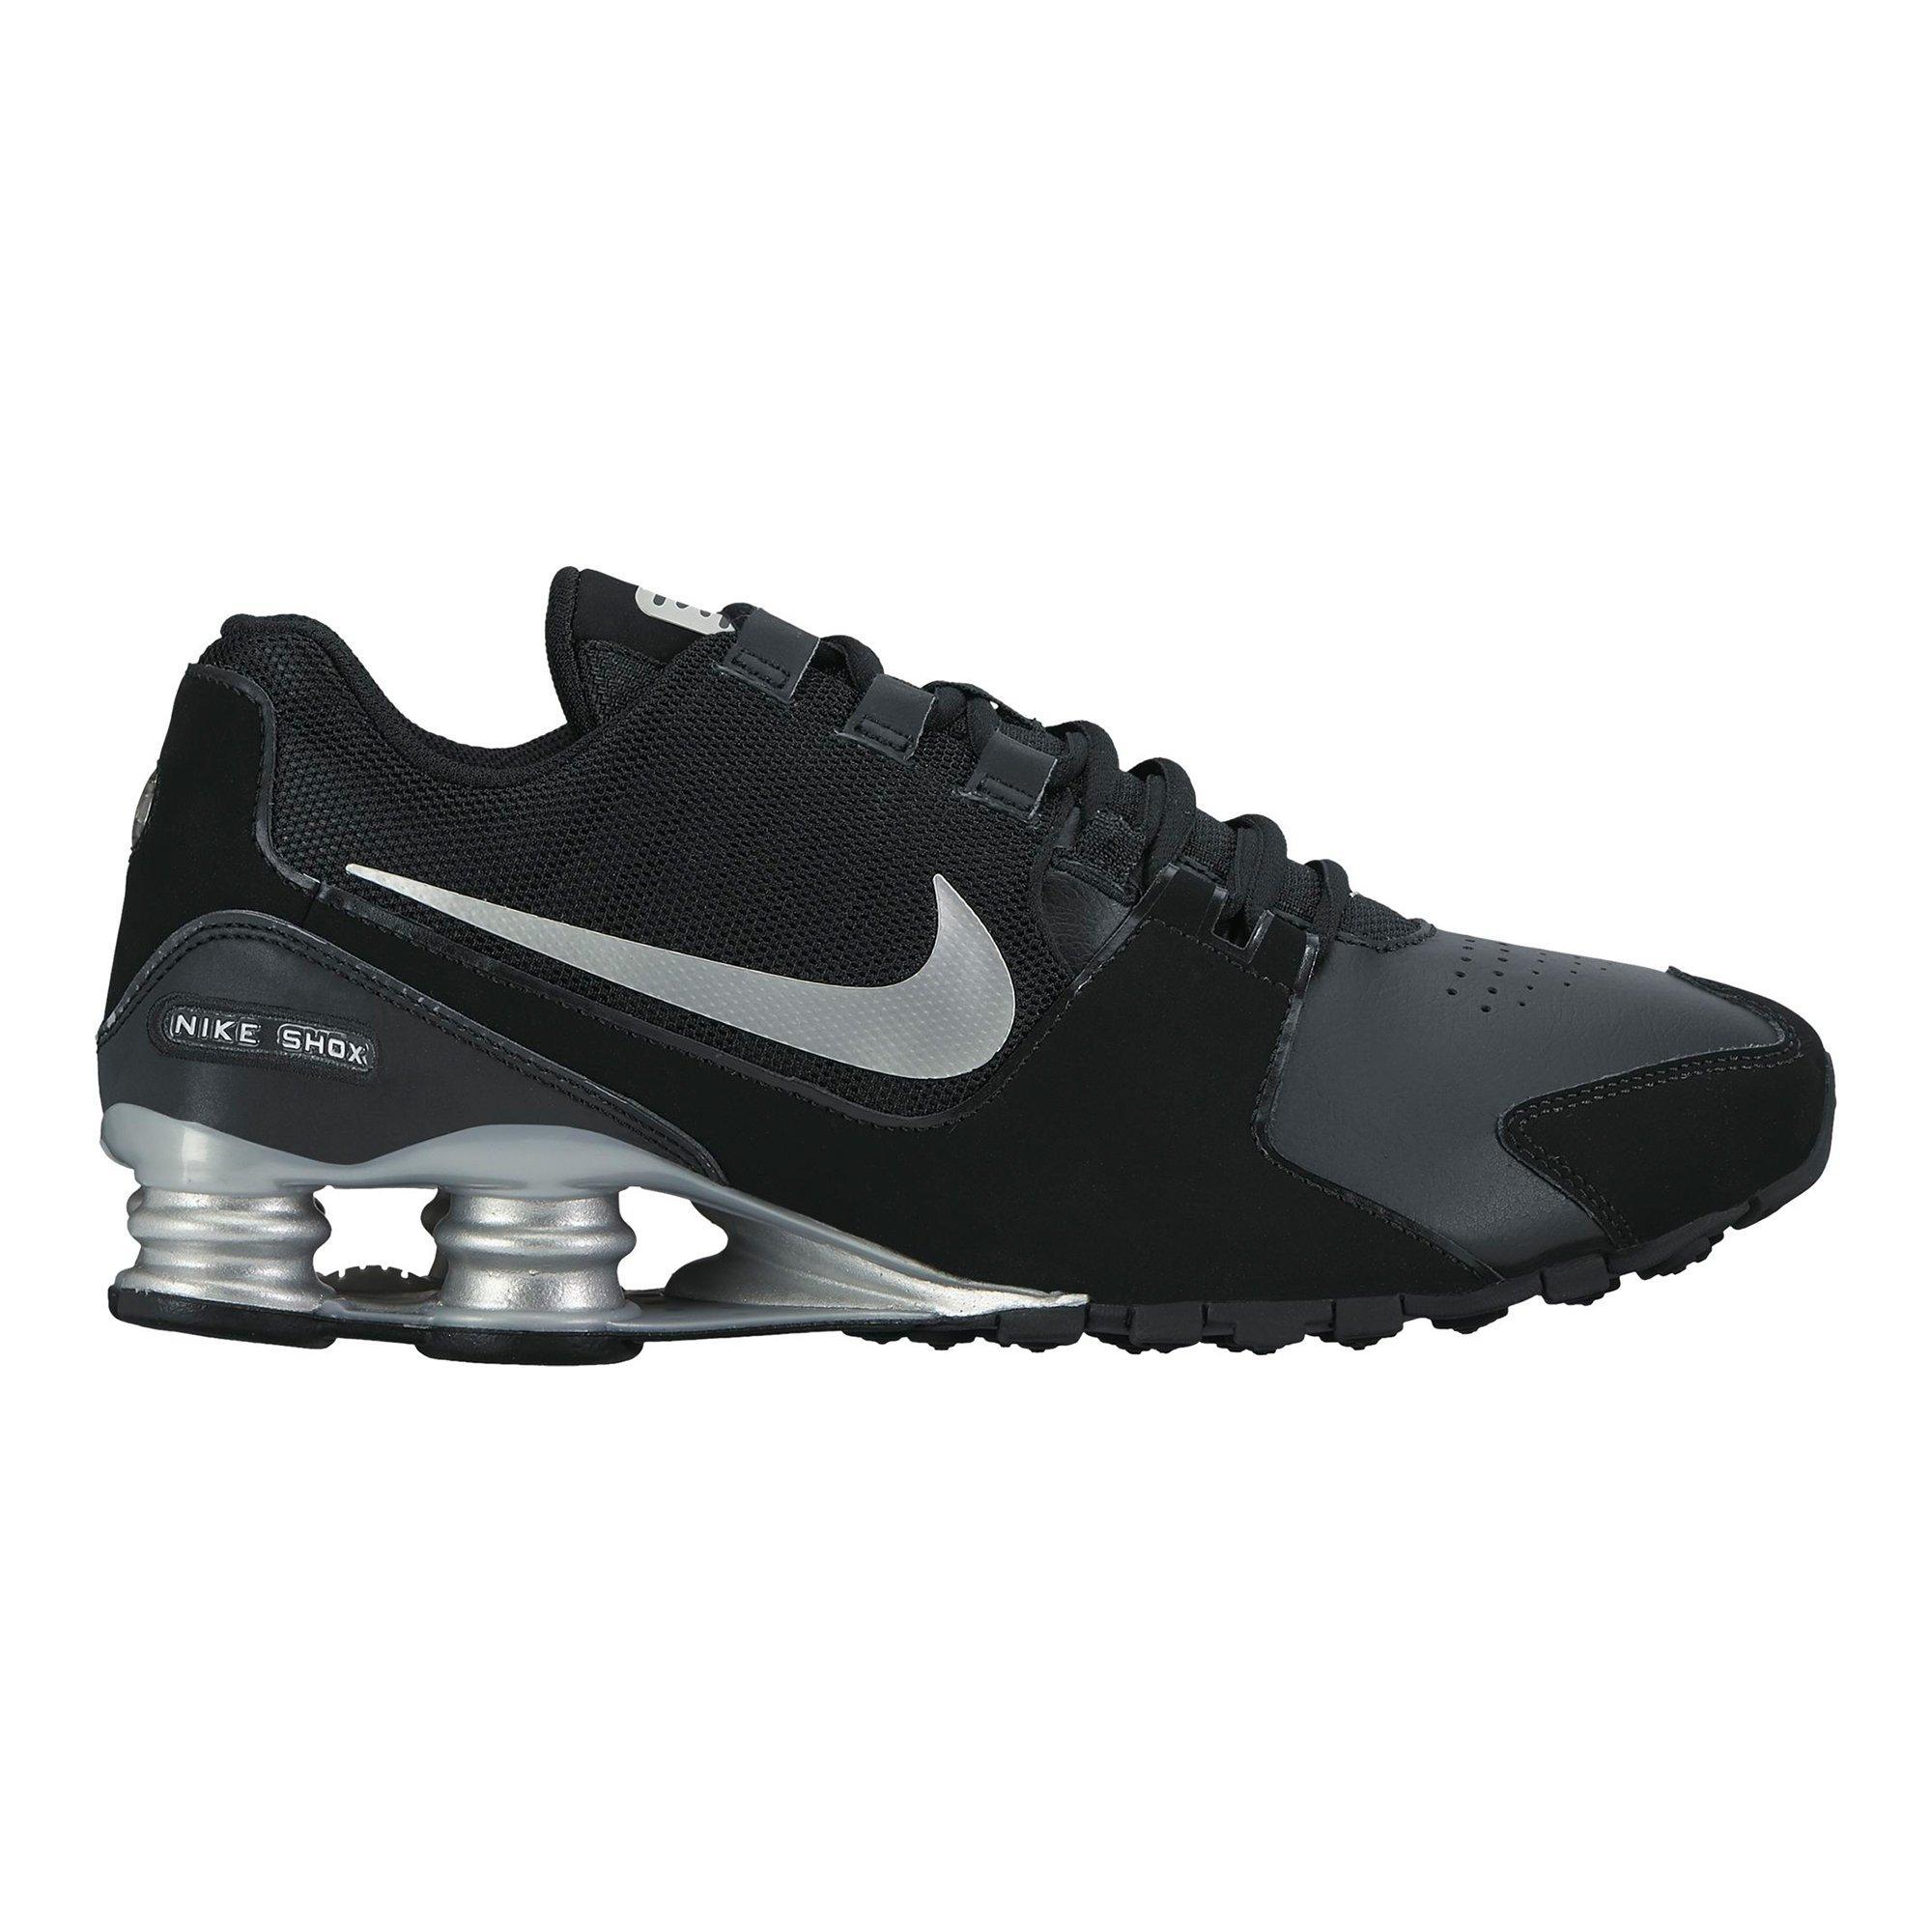 Publicación Dolor novedad  Nike Shox Avenue Men's Running Shoe - Hibbett   City Gear